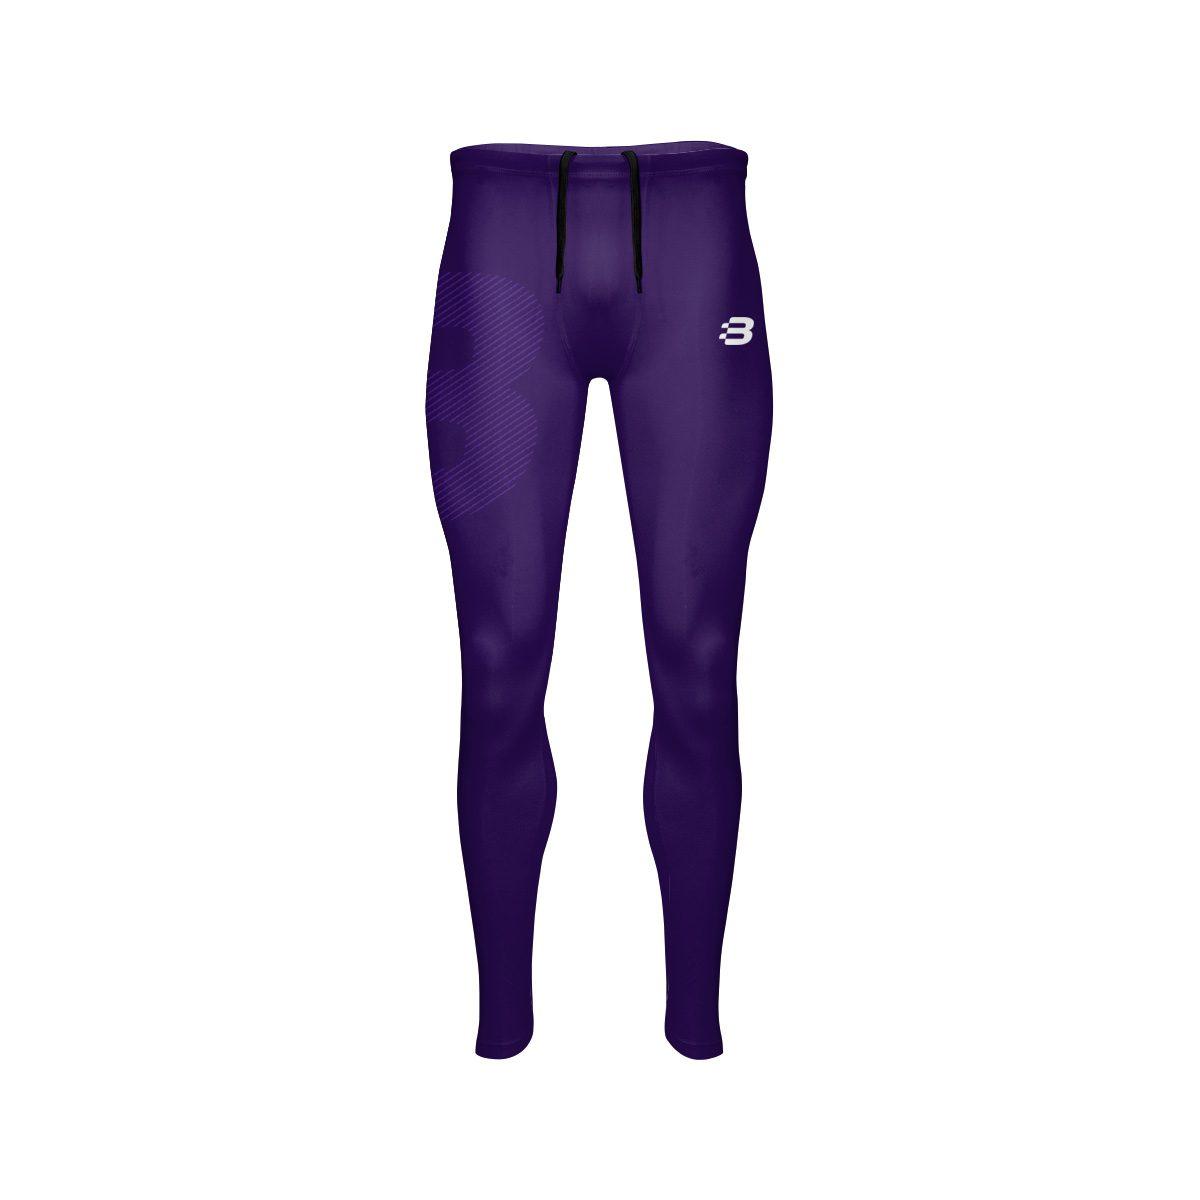 c801f13d9f Mens Compression Shorts - Dark Purple